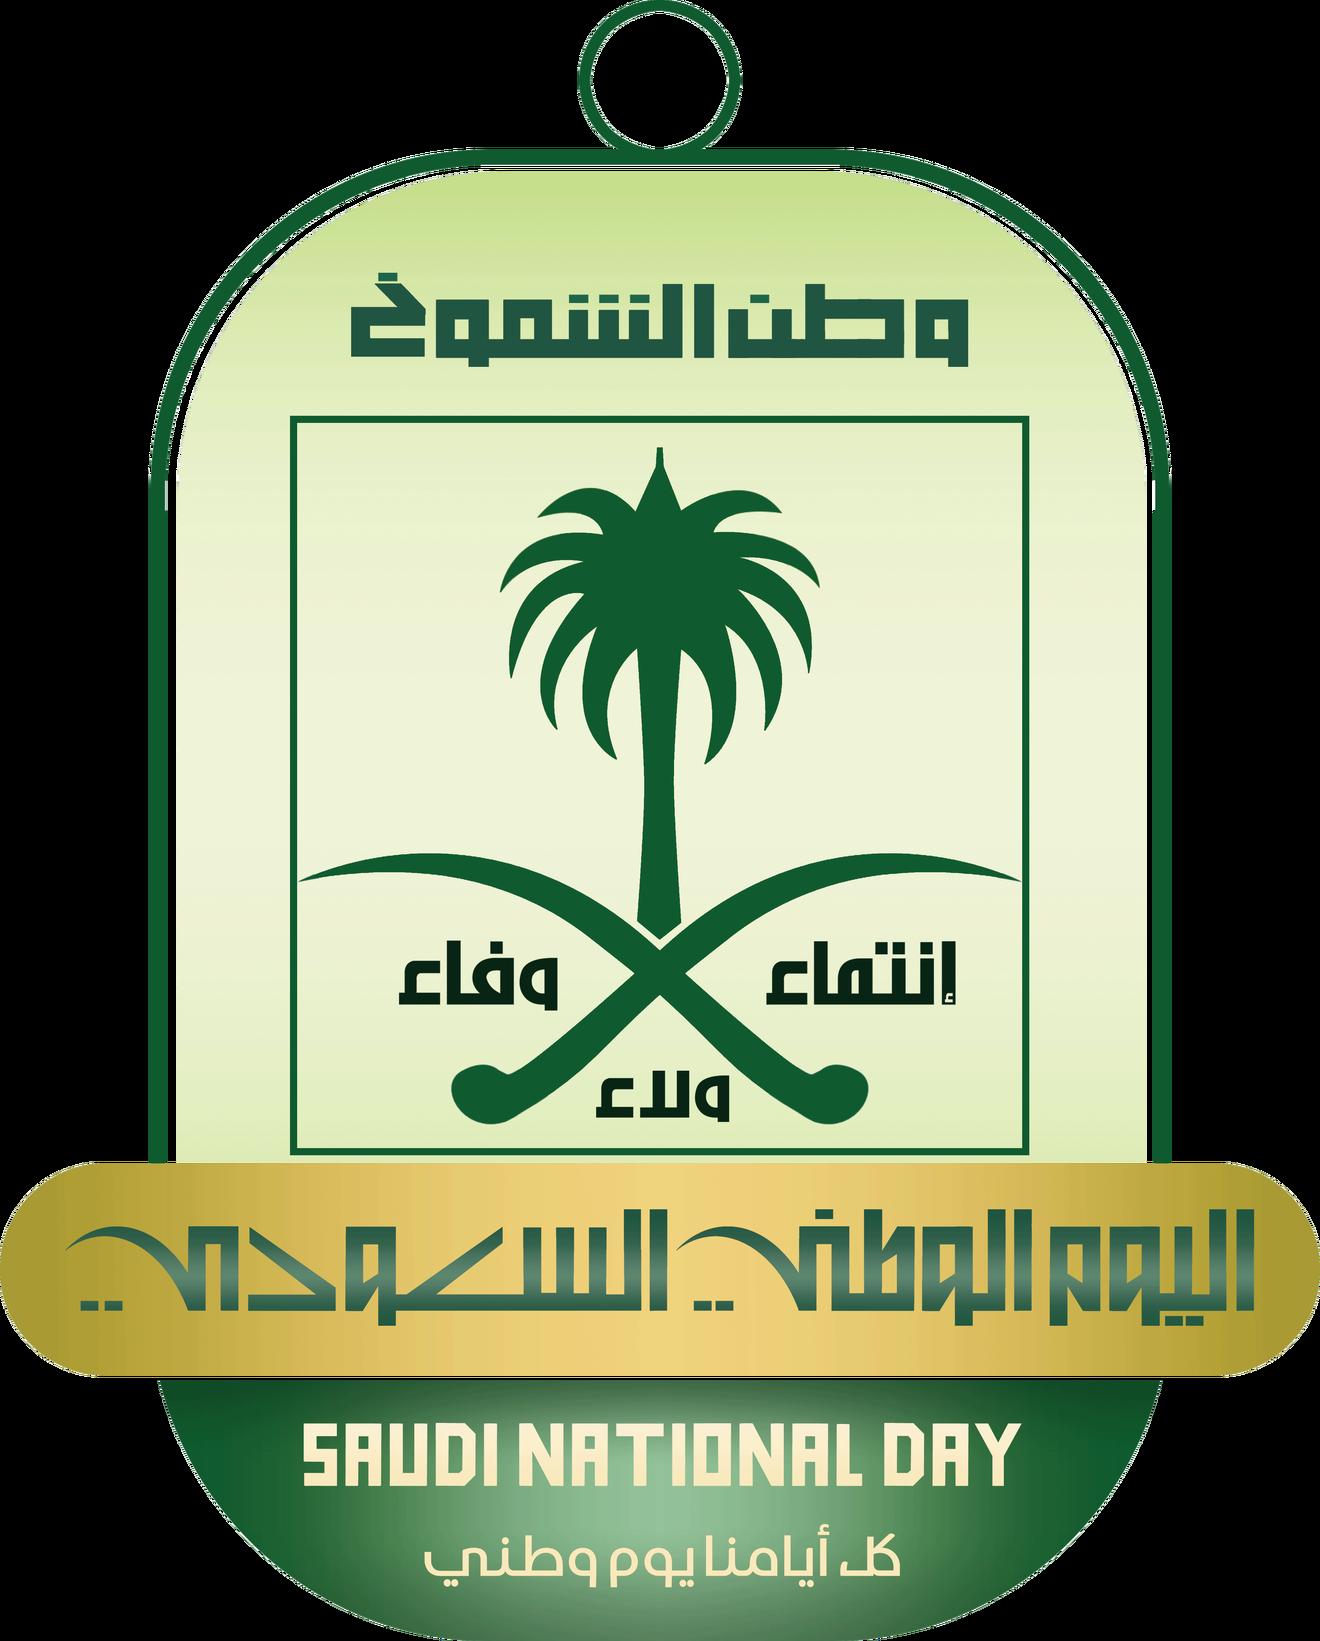 تصاميم لليوم الوطني 89 بجودة عالية صور Hd لليوم الوطني السعودي 1441 مجلة رجيم National Day Saudi Behavior Clip Charts Instagram Frame